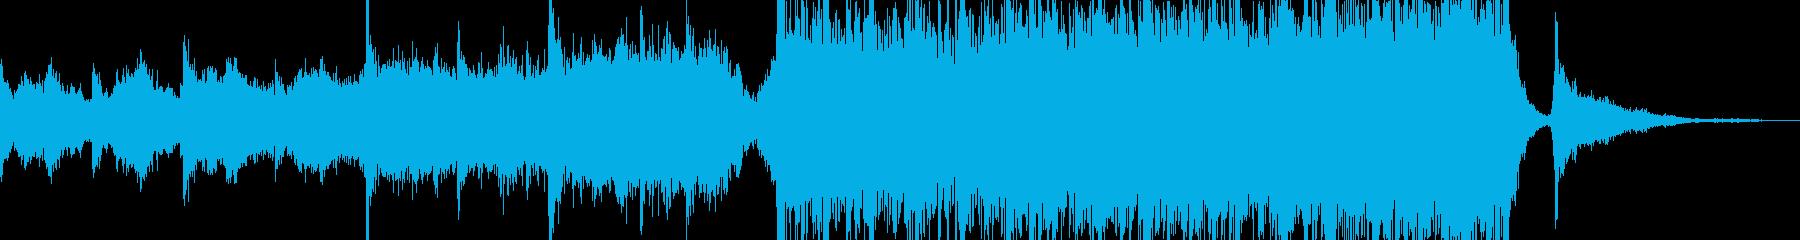 アジアンスタイルファンタジーモダンの再生済みの波形